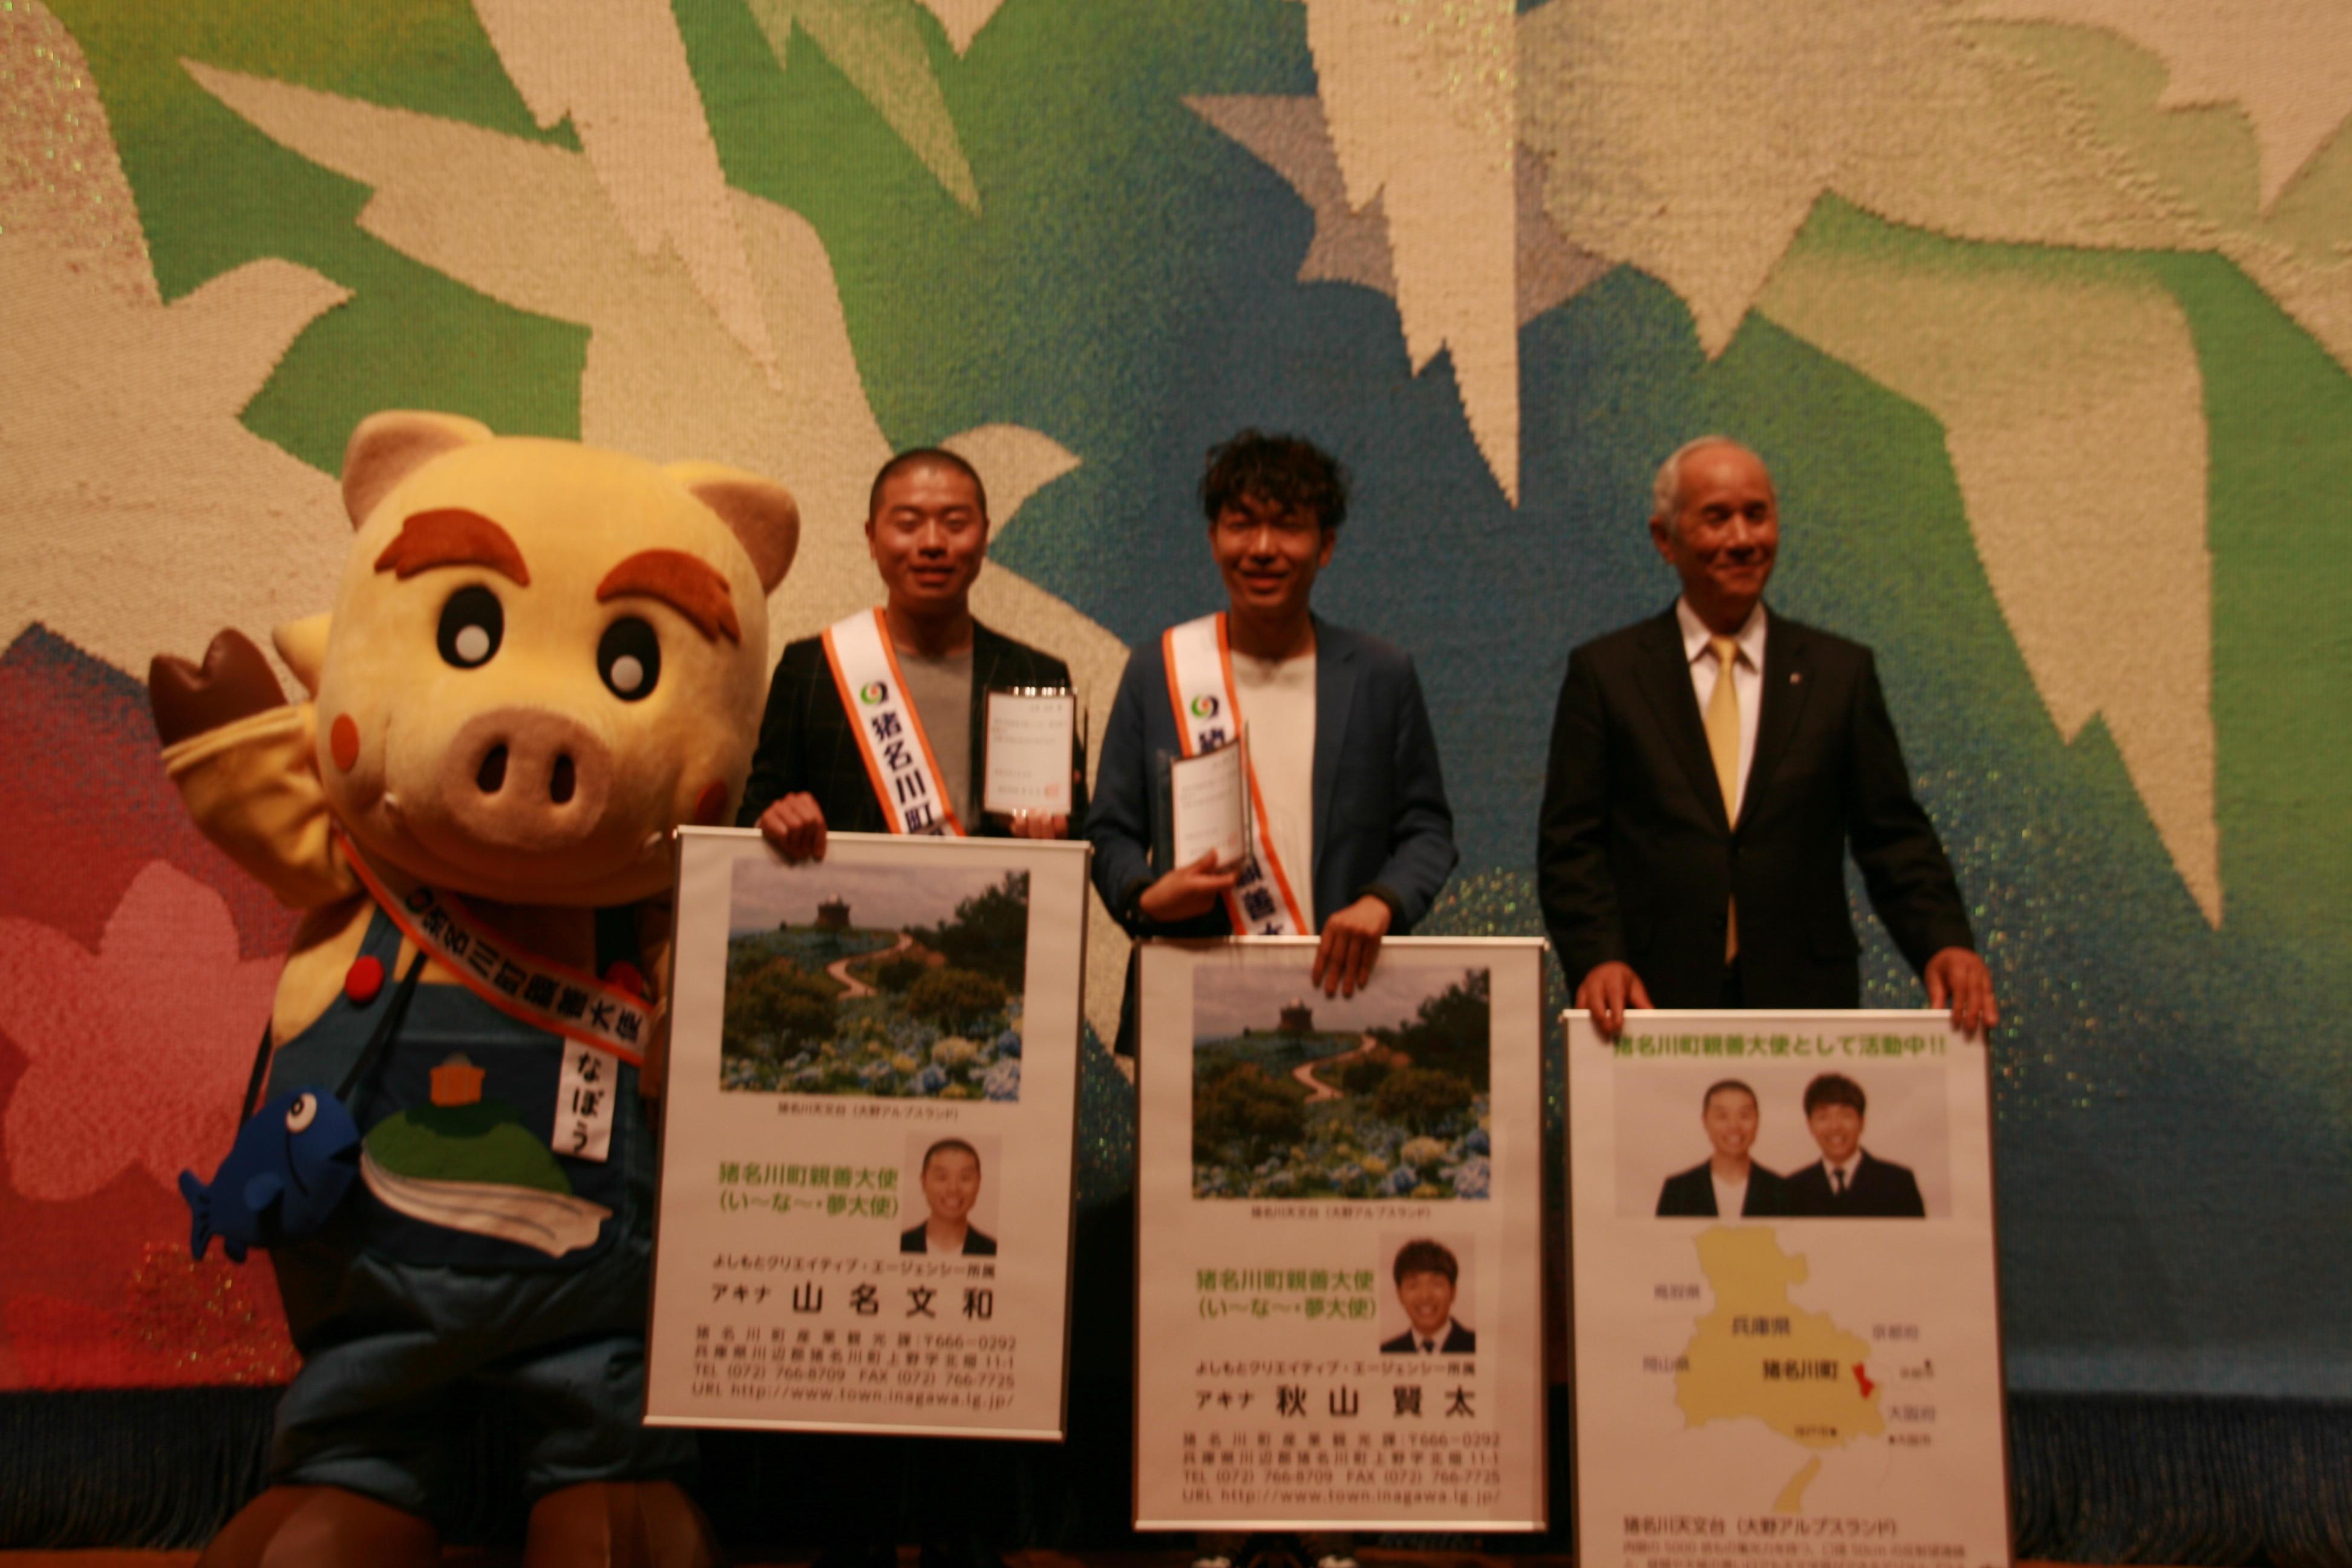 http://news.yoshimoto.co.jp/20180310210802-9c57731d25088acc6c9e0f79e361a1ecb3b65e0f.jpg